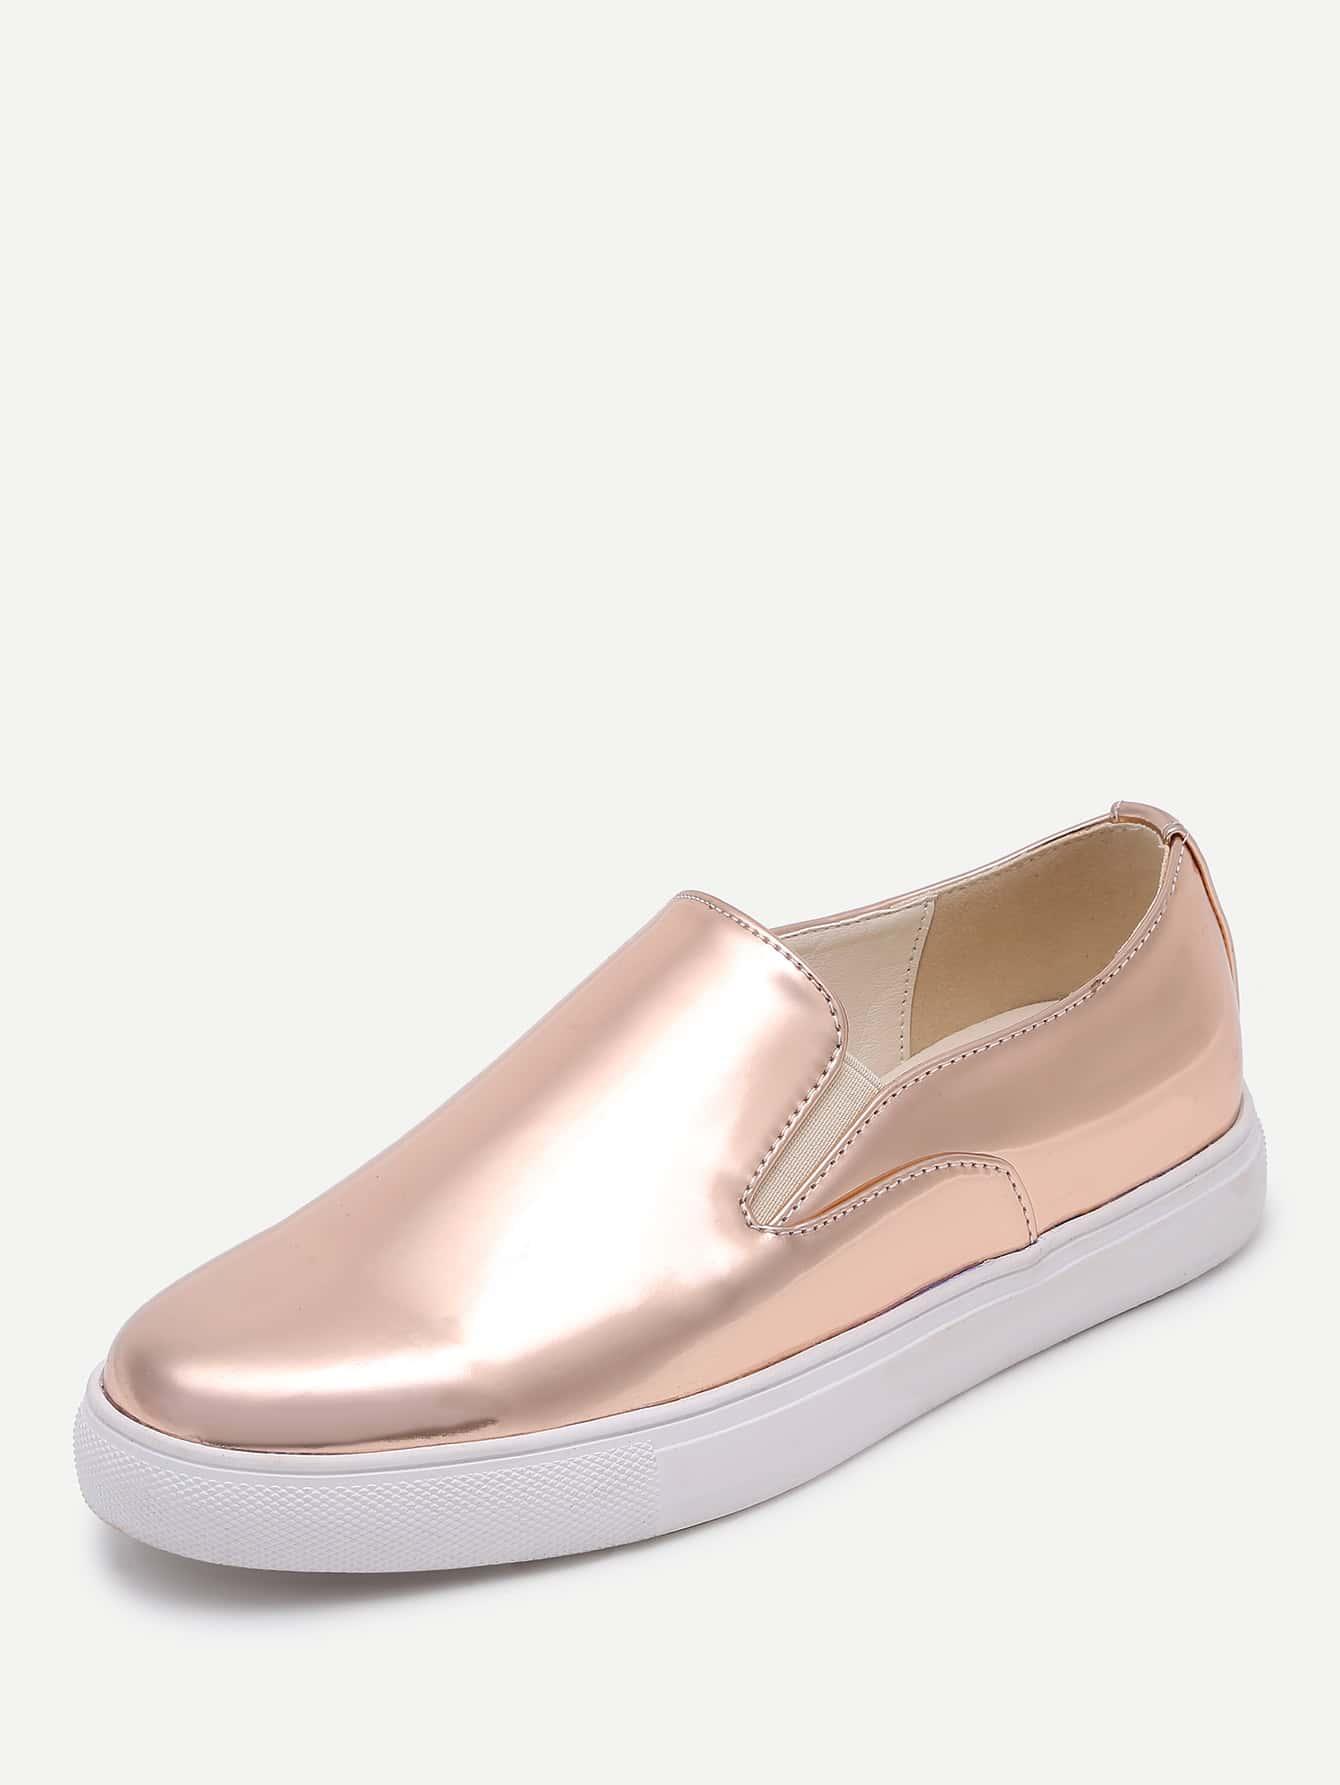 shoes170502802_2